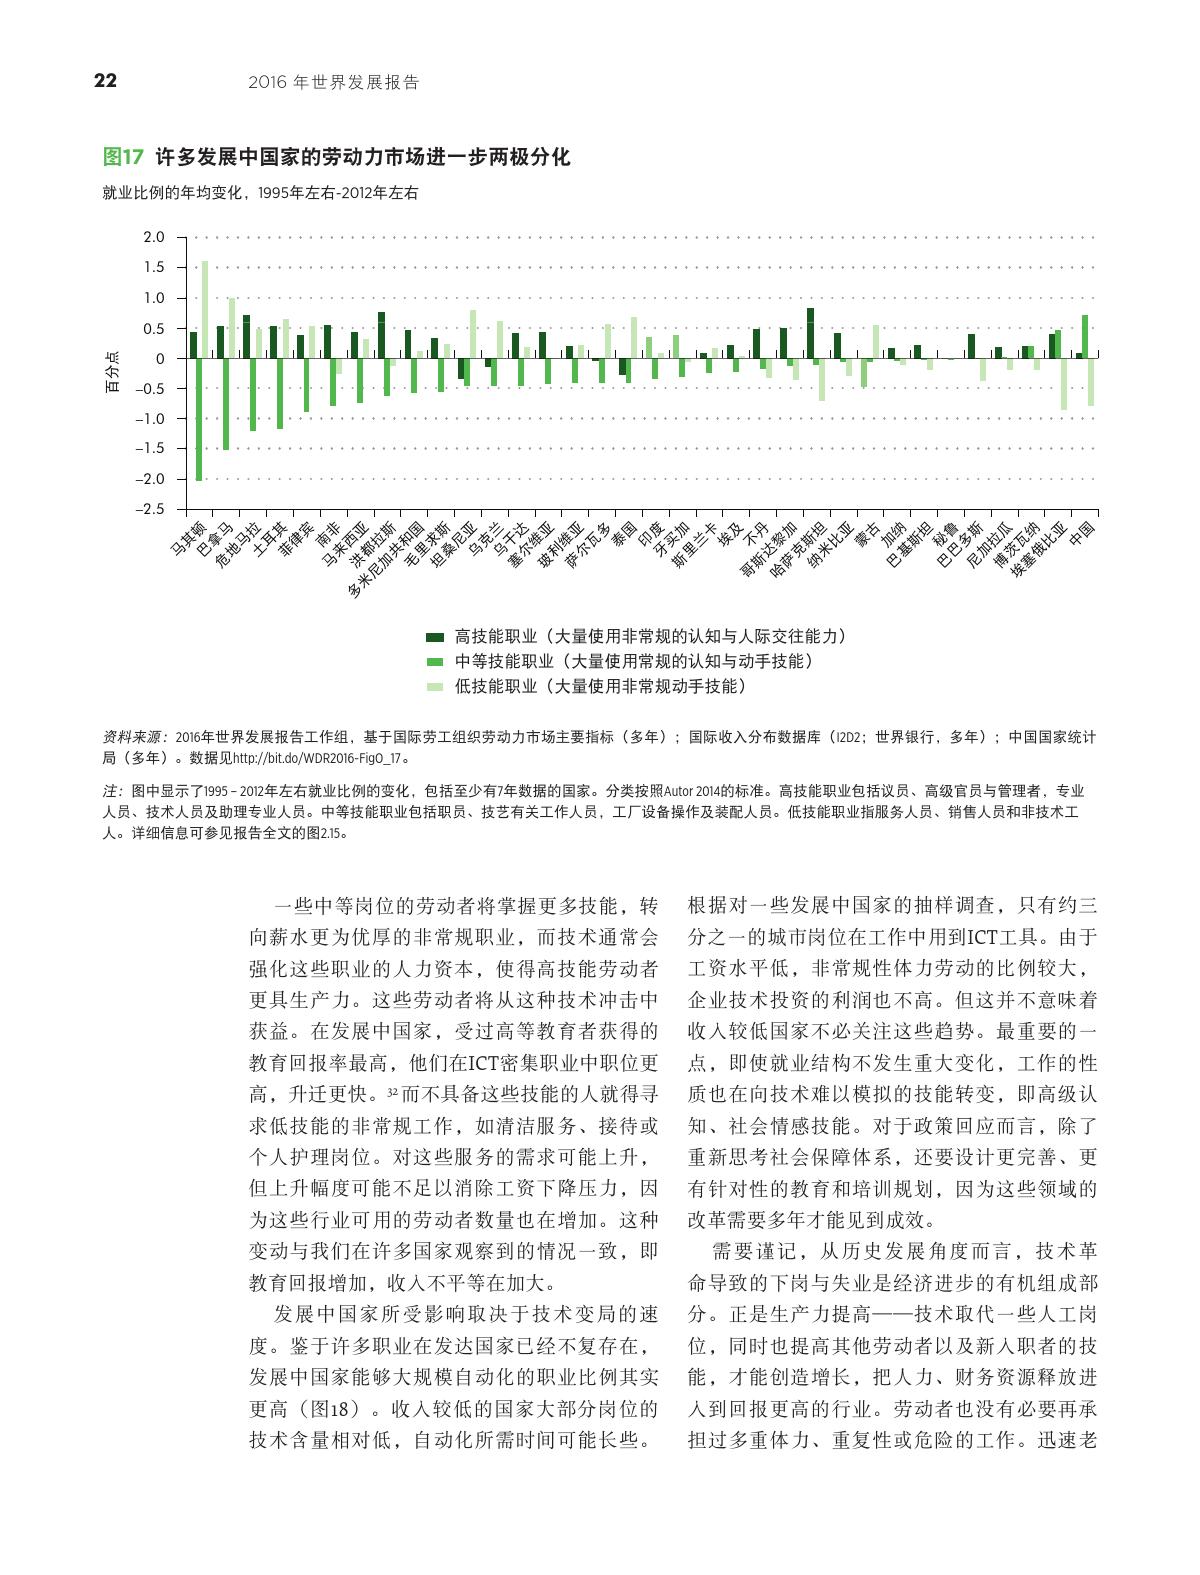 2016年世界发展报告-数字红利_000034